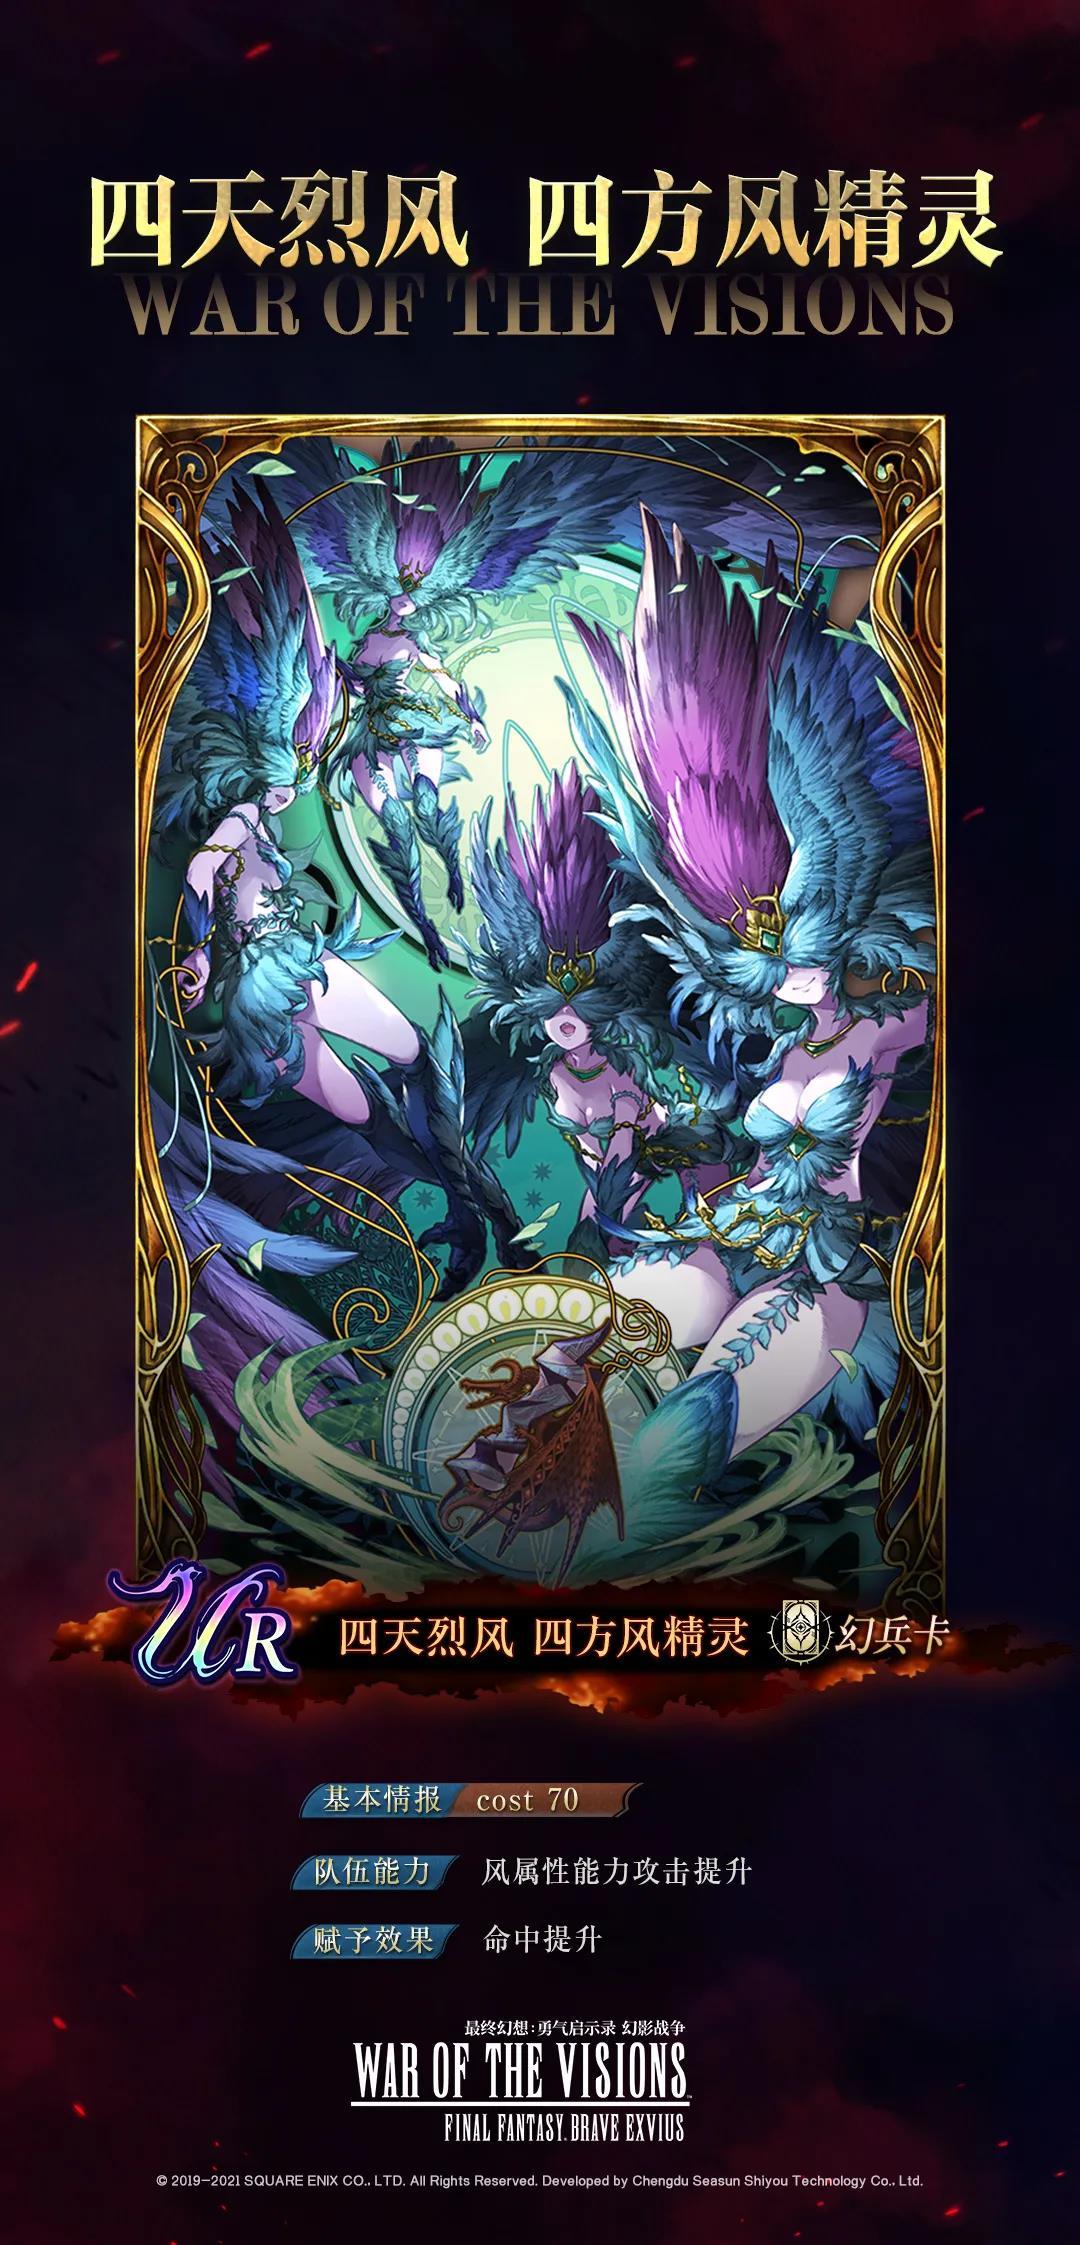 《FFBE幻影战争》四天烈风四方风精灵介绍